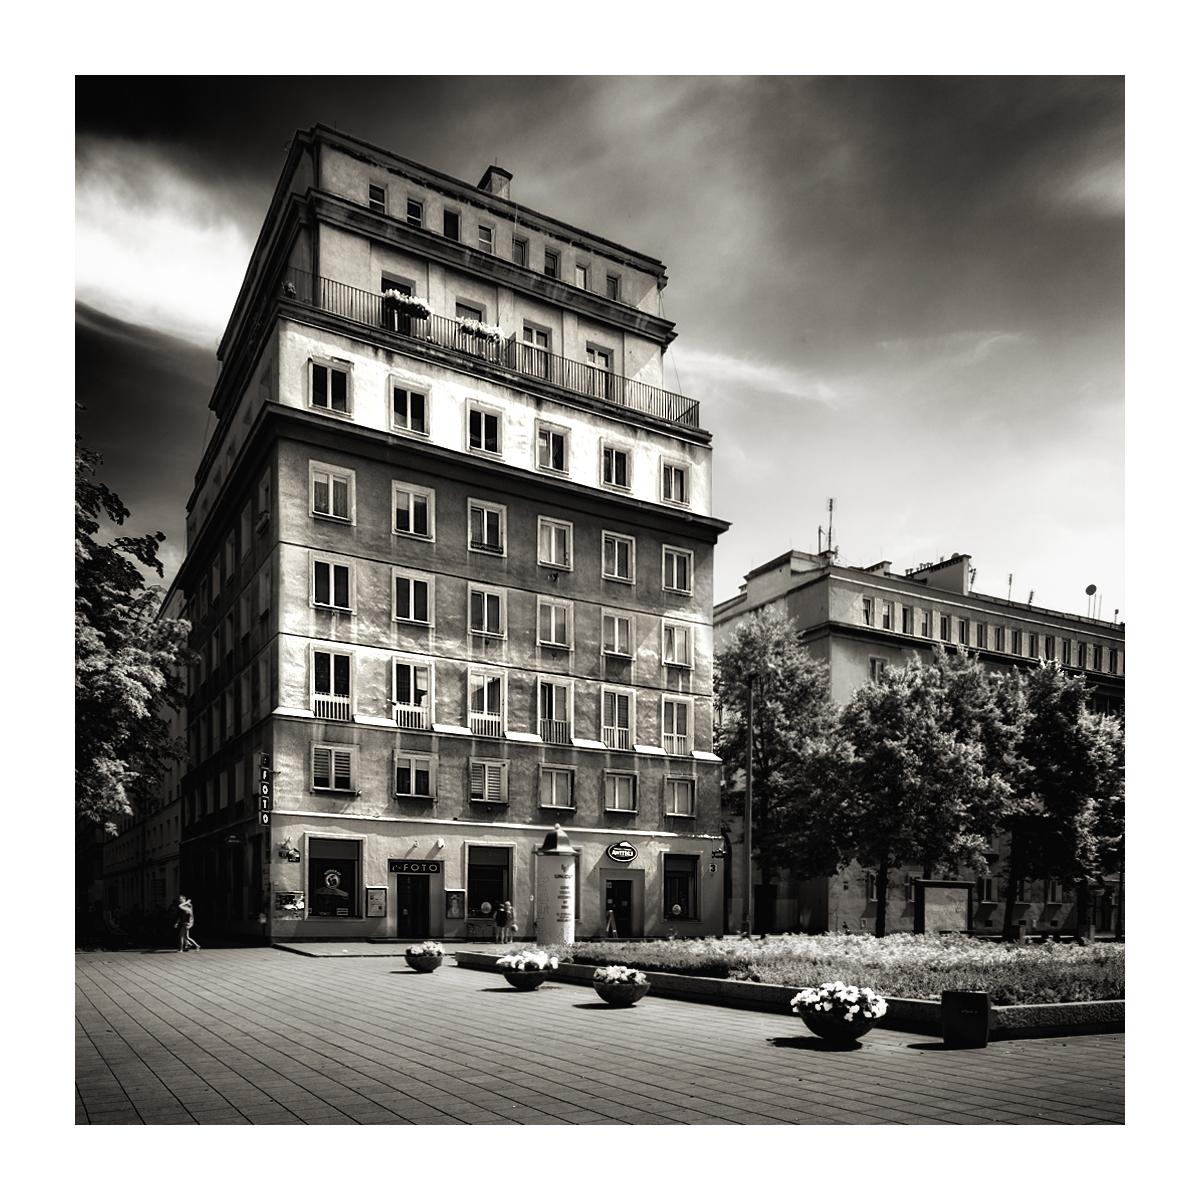 Nowa Huta, Kraków - Foto Francesco Merenda